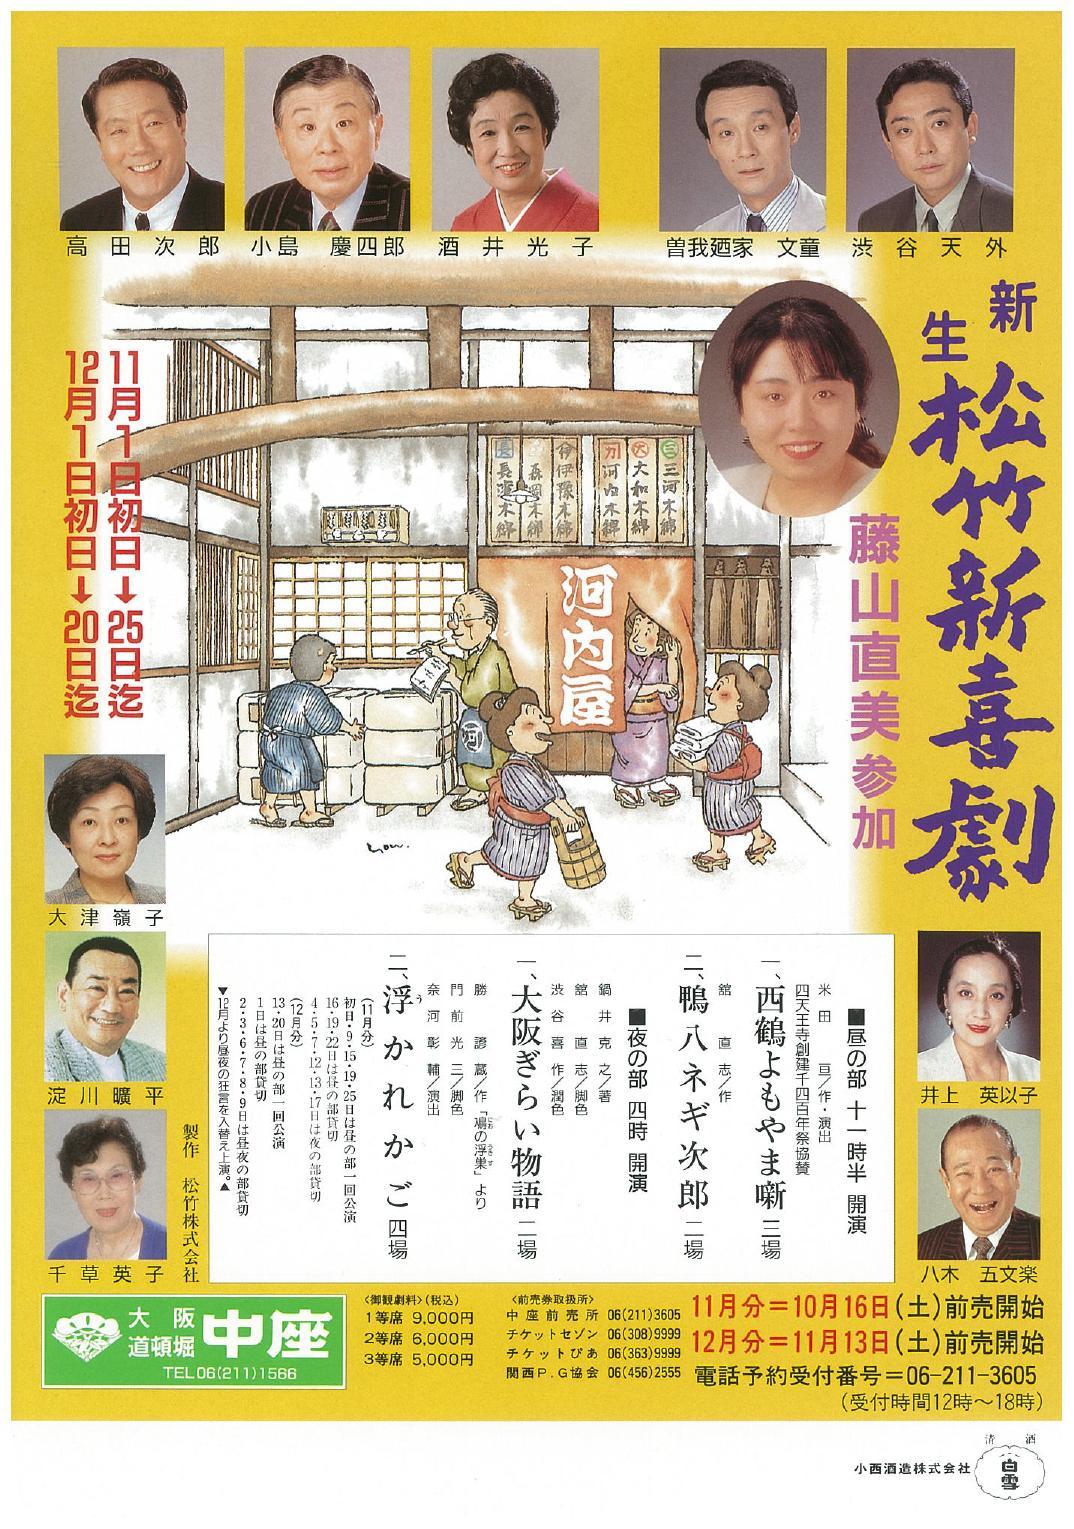 【中座】新生松竹新喜劇 2ヶ月公演